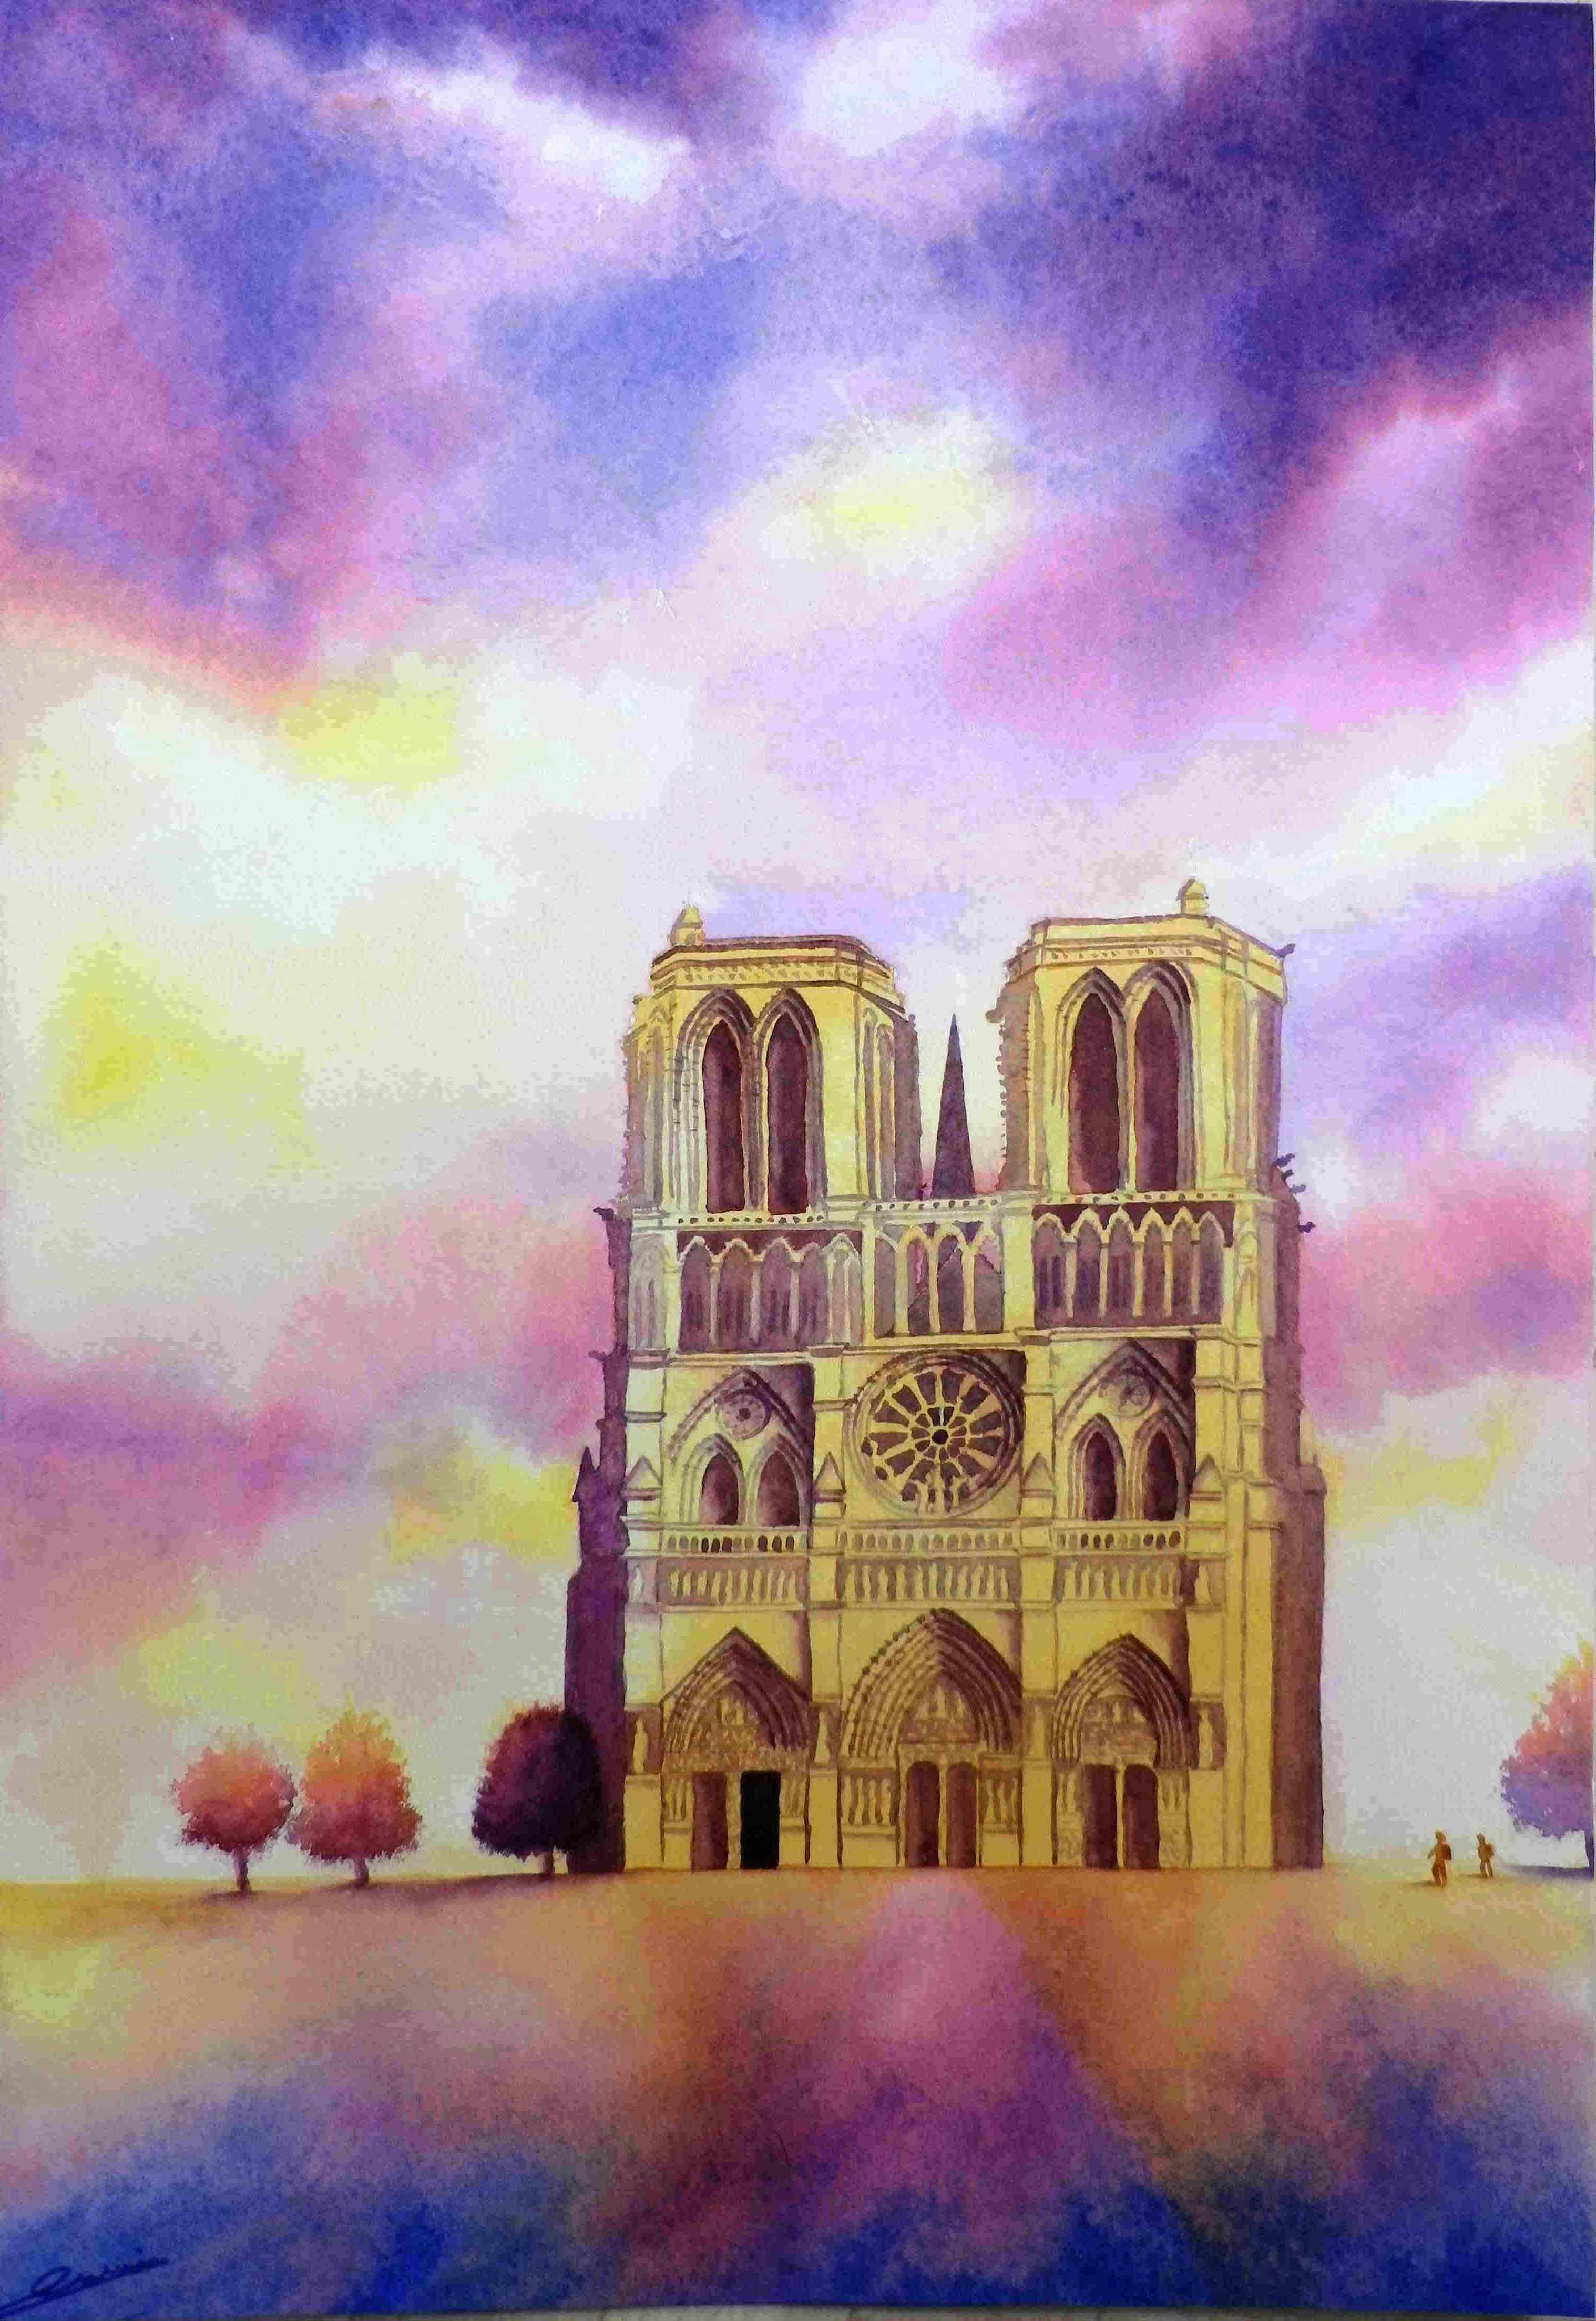 Notre Dame Aquarelle Watercolor By Isabelle Garnier Notre Dame